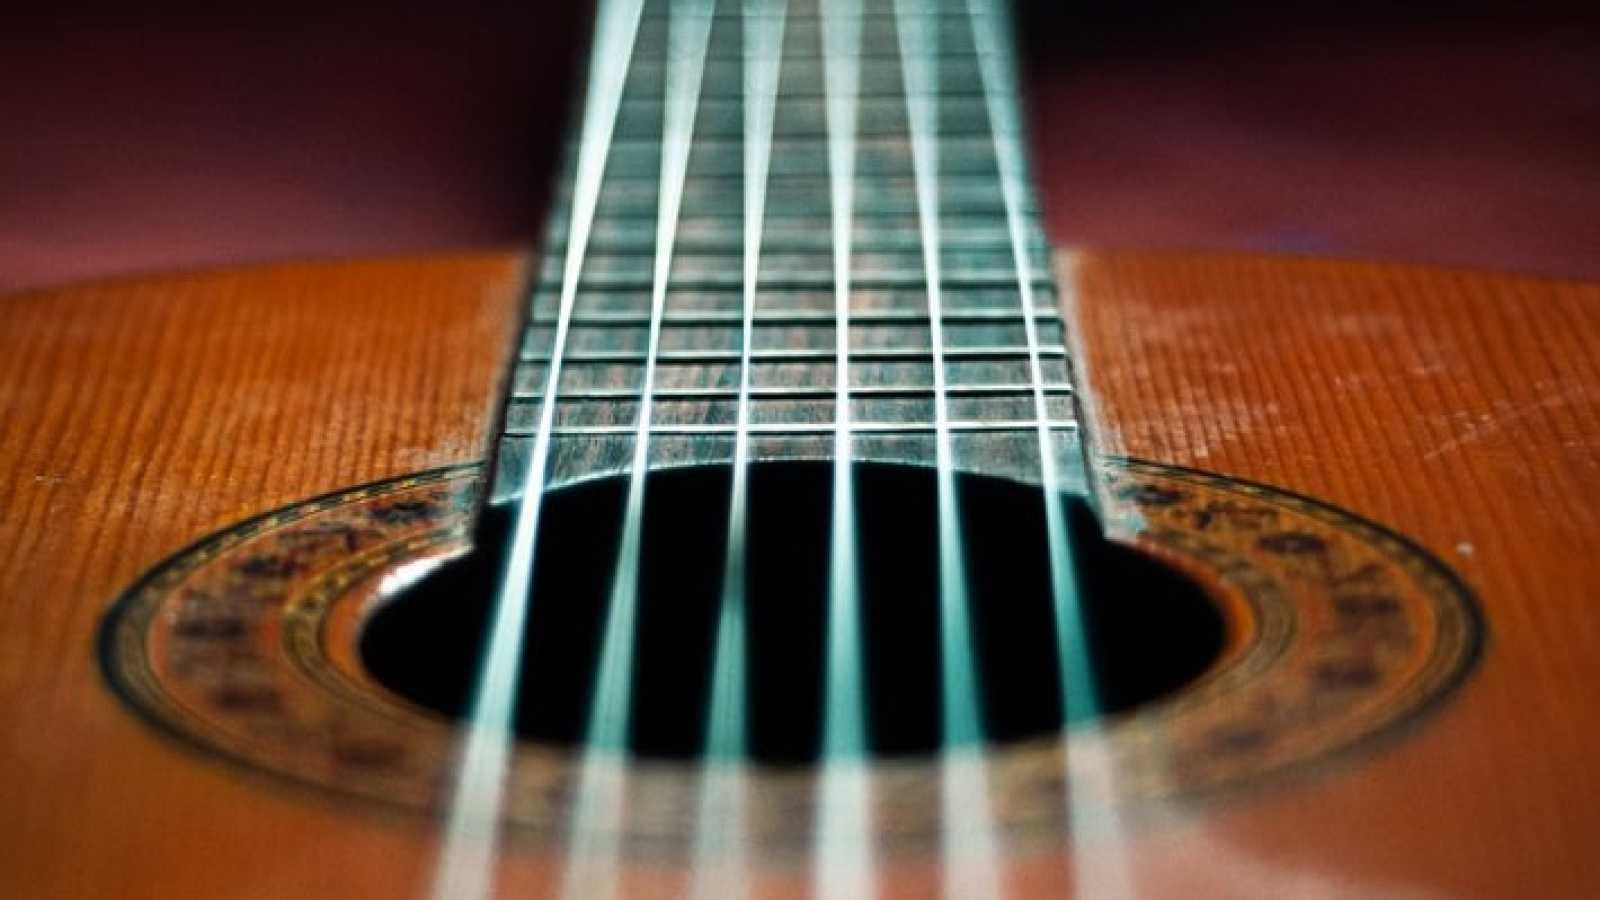 La guitarra - 14/02/21 - escuchar ahora